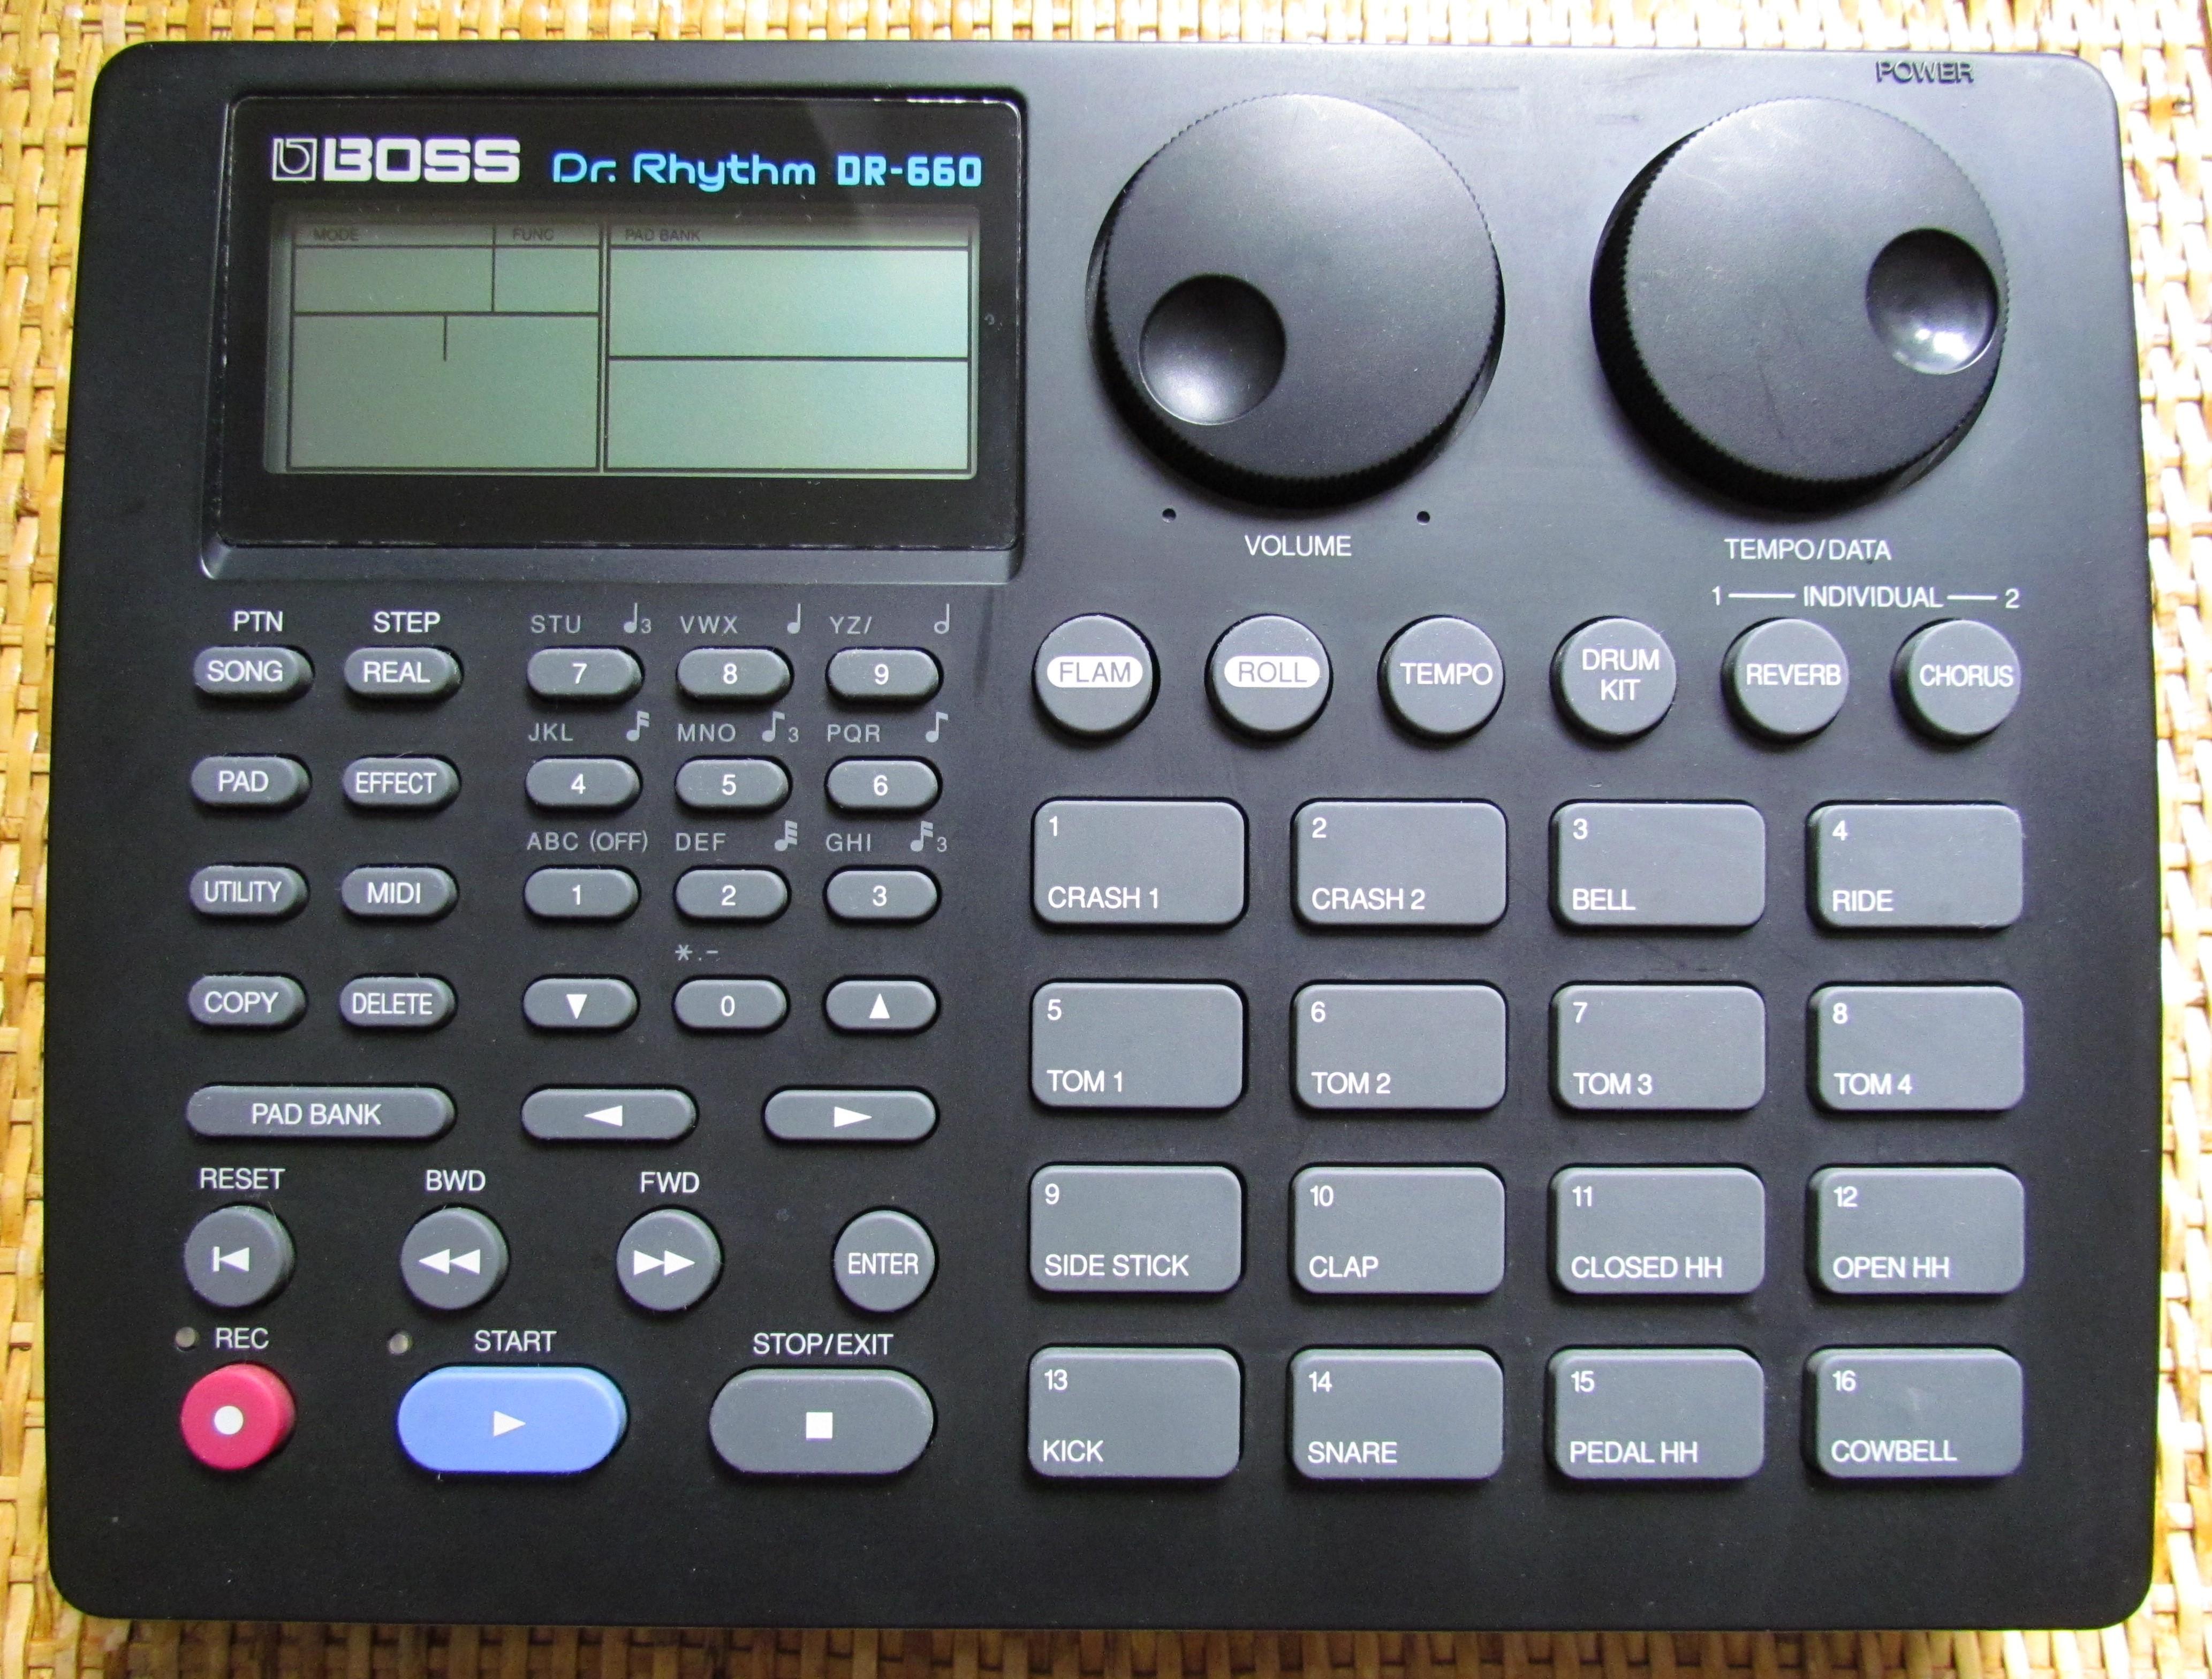 dr 660 drum machine